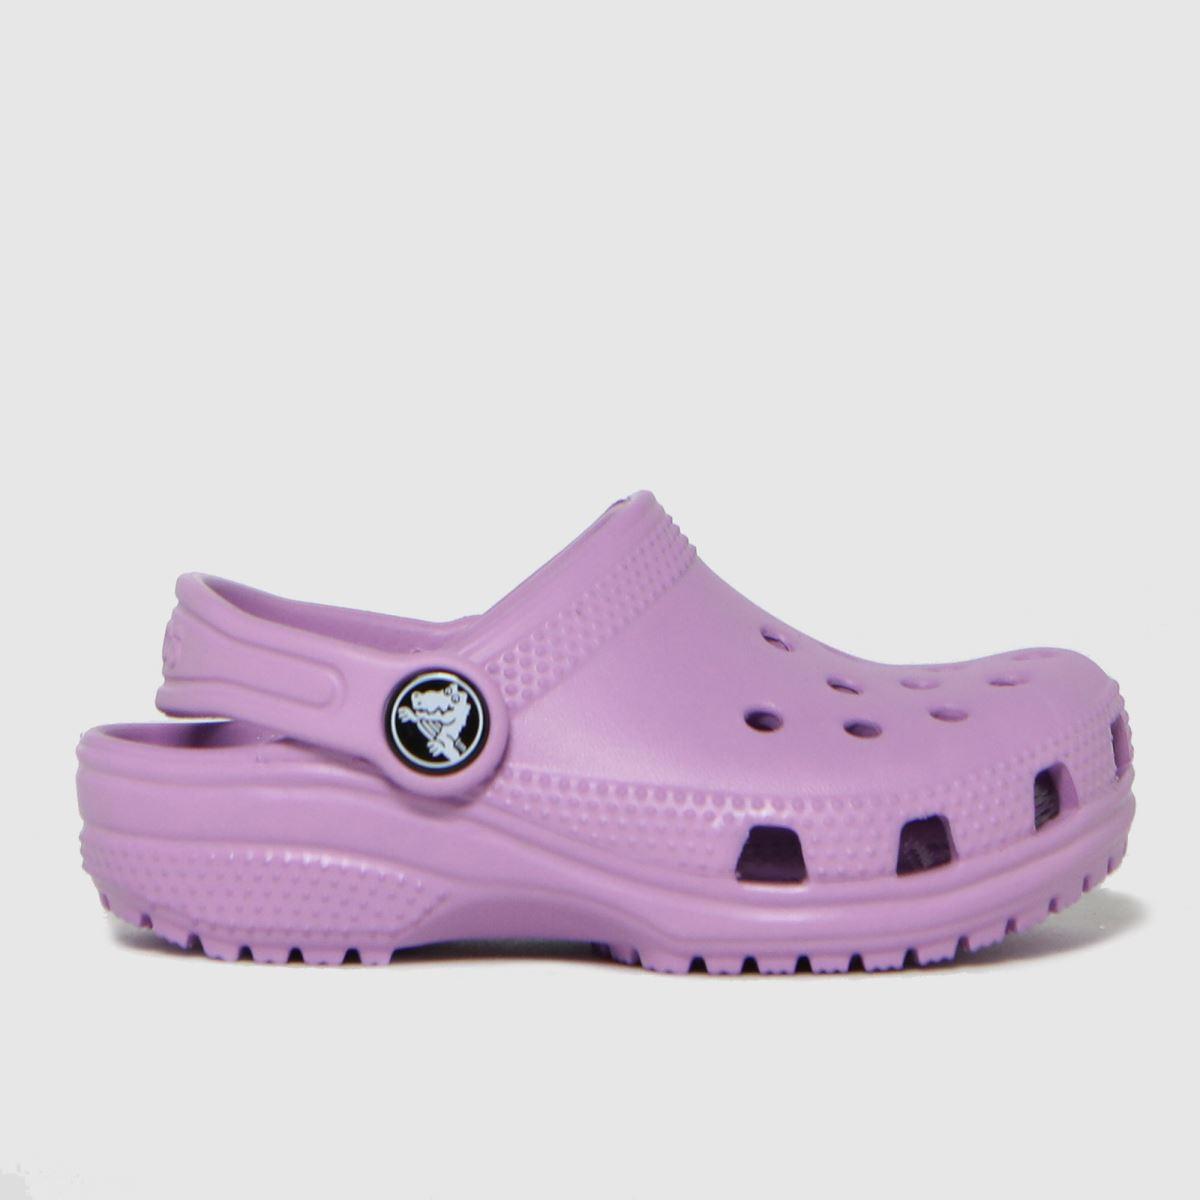 Crocs Lilac Classic Clog SANDAL Toddler